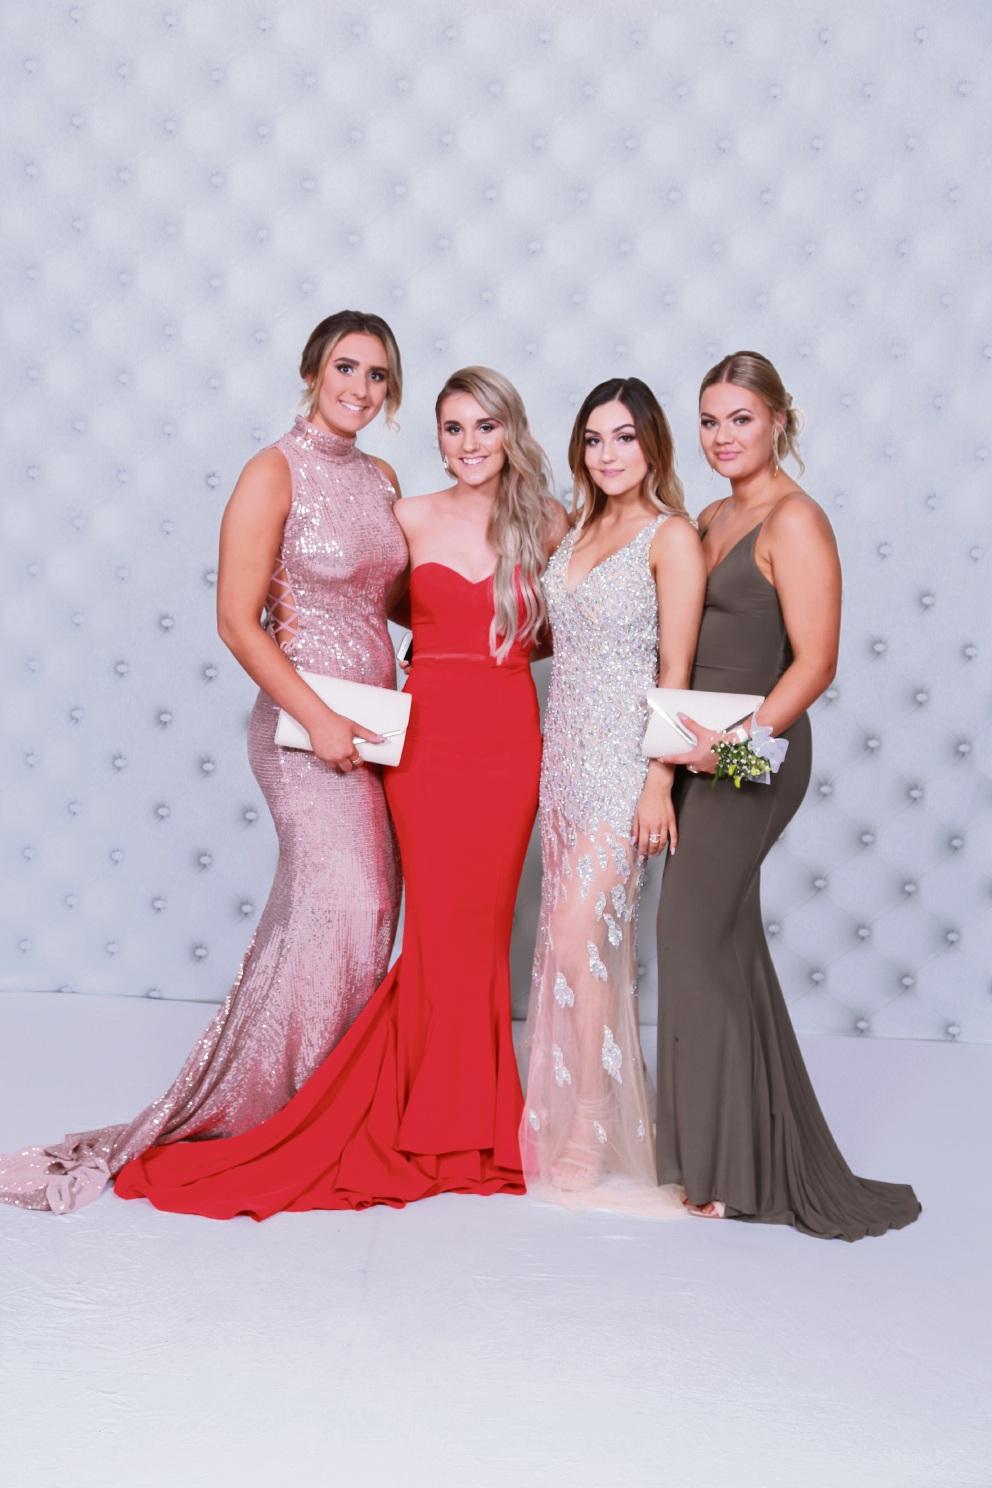 Jessica Mirchef, Charlotte Hastle, Brittany Falcone, Zoe Rossouw. Picture: 3p Photography